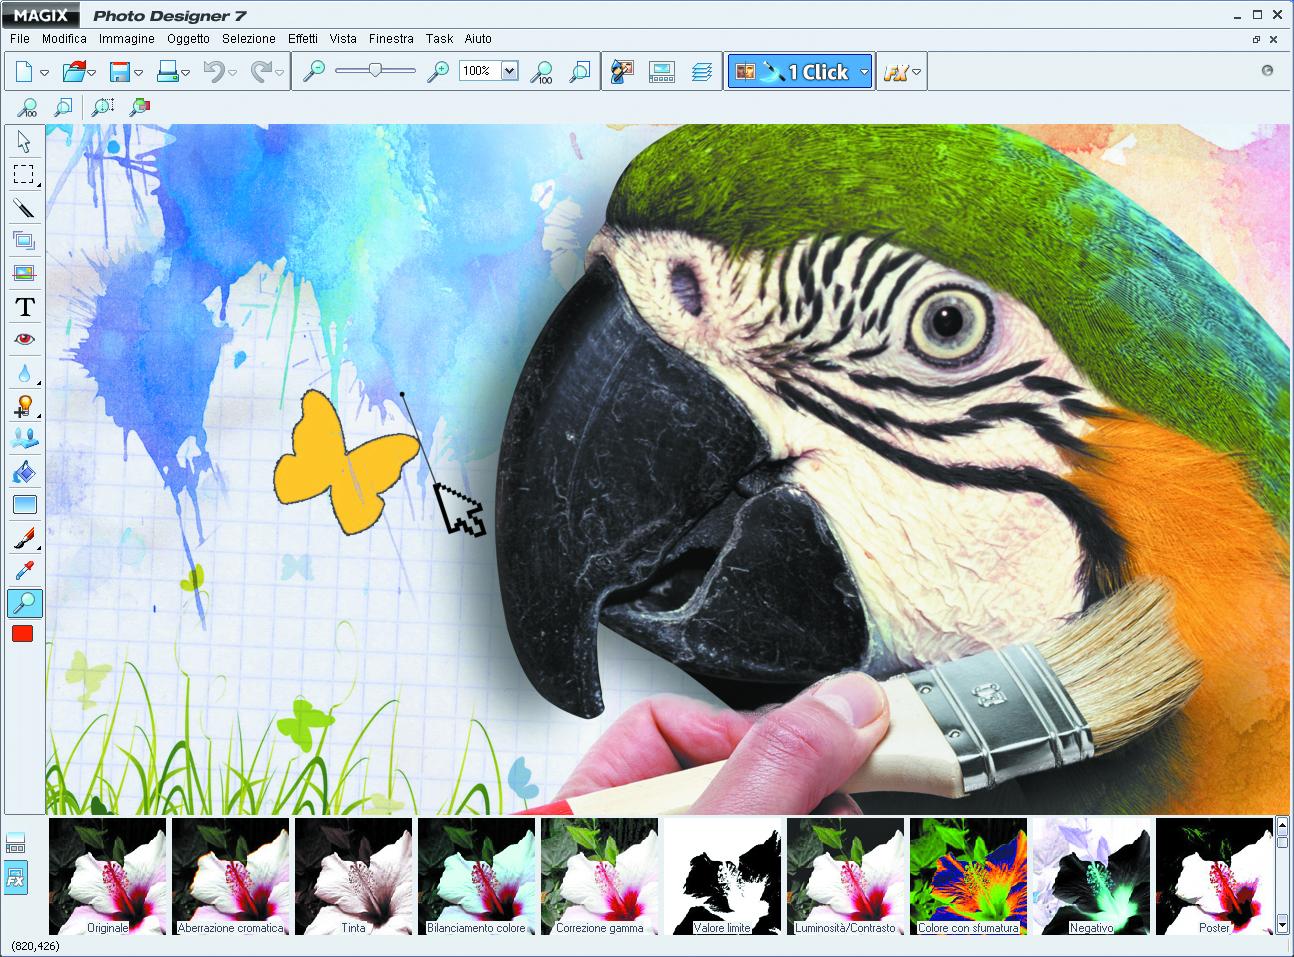 Programma per modificare immagini e foto gratis 4